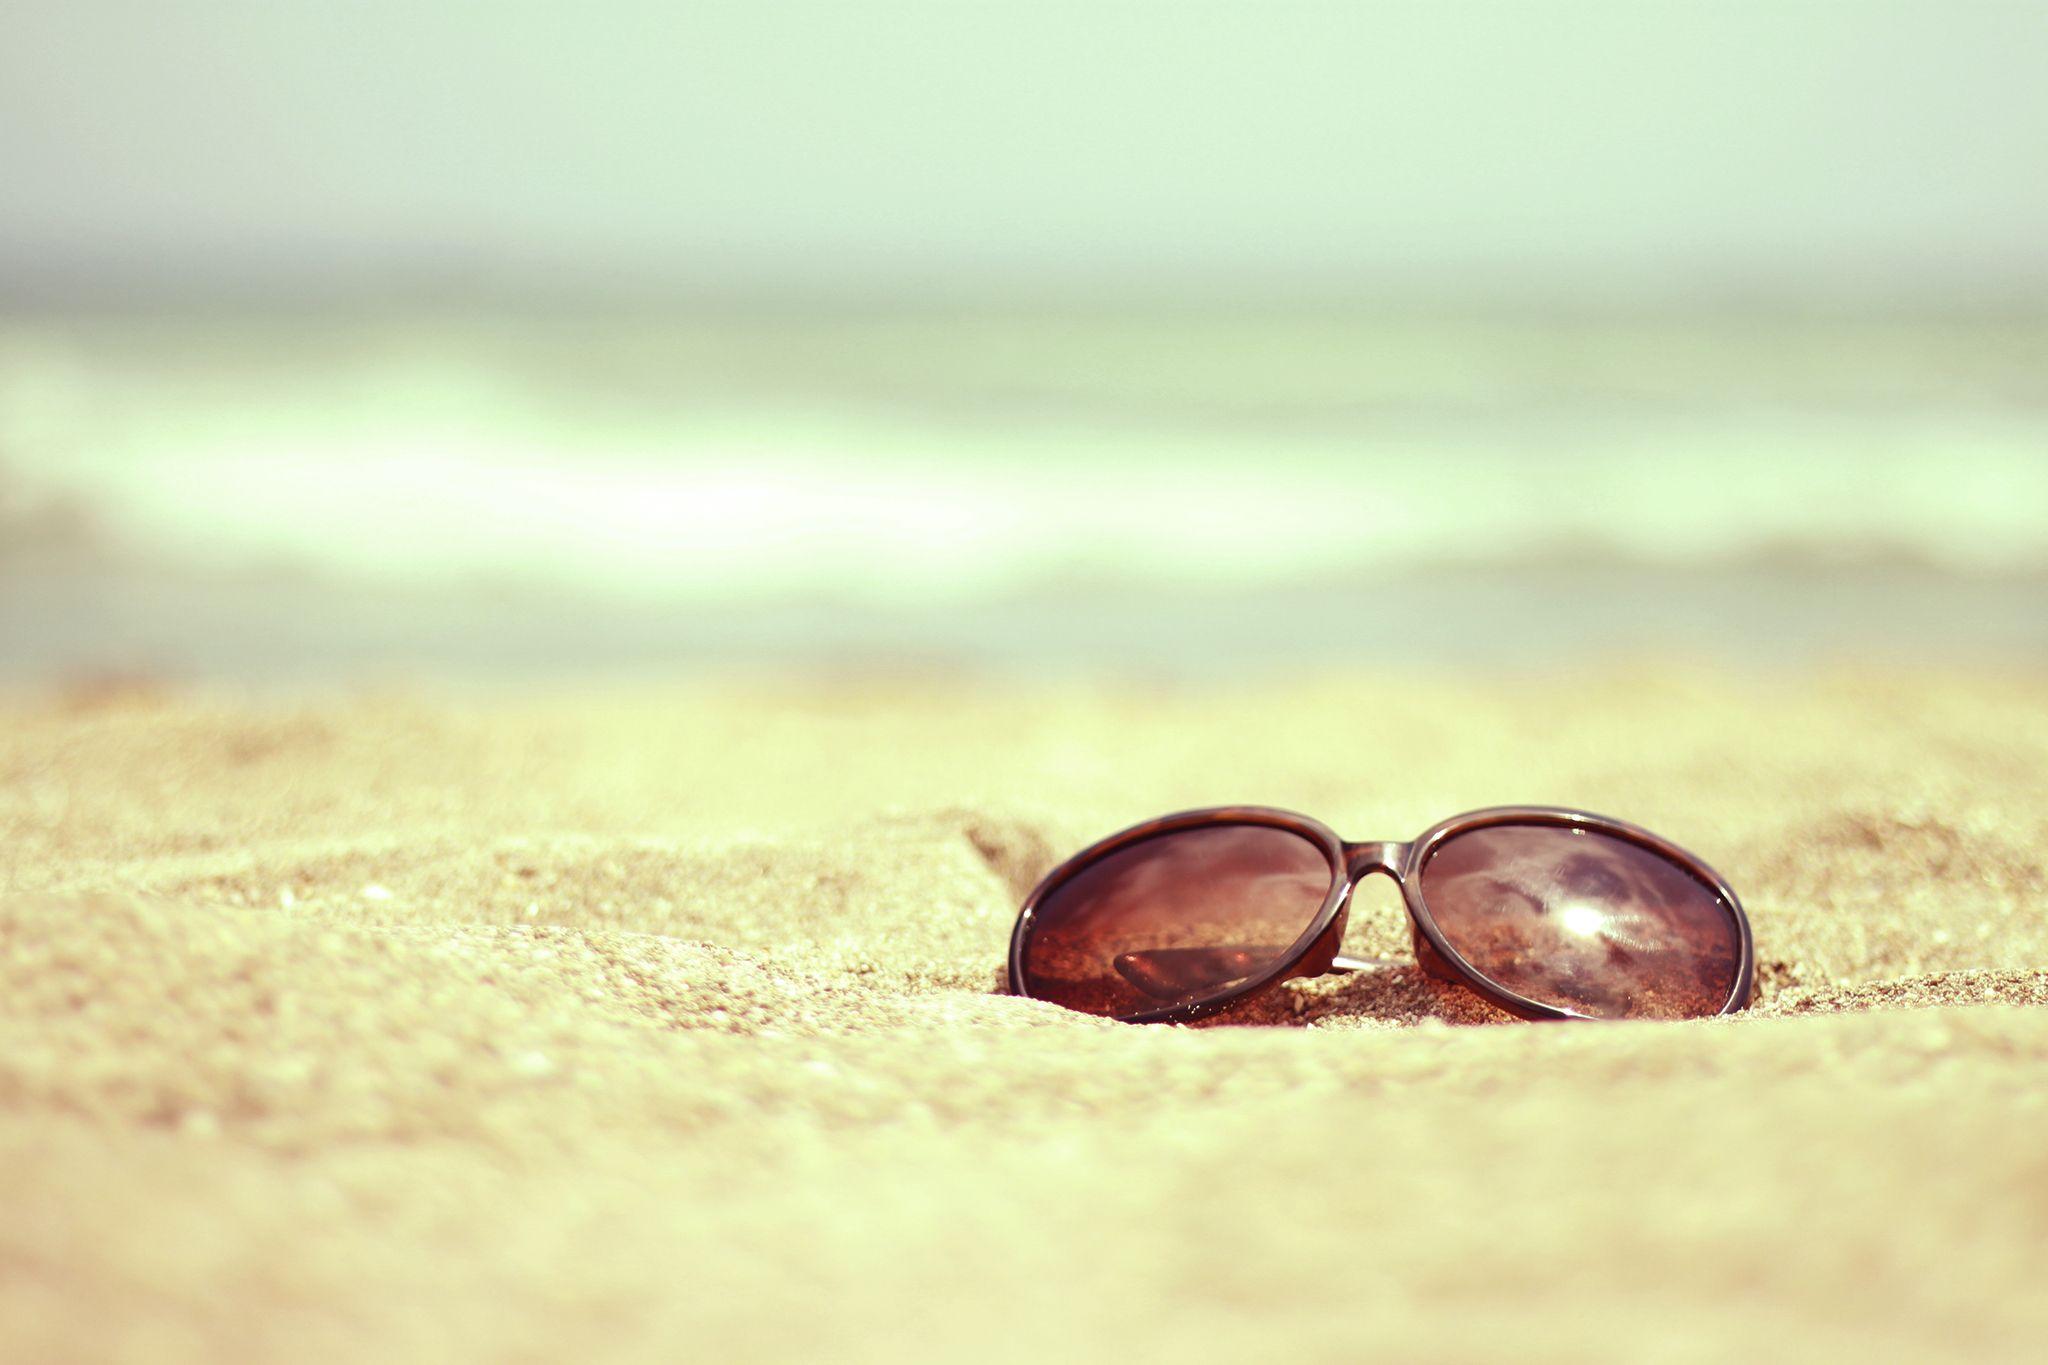 砂浜とサングラスの画像